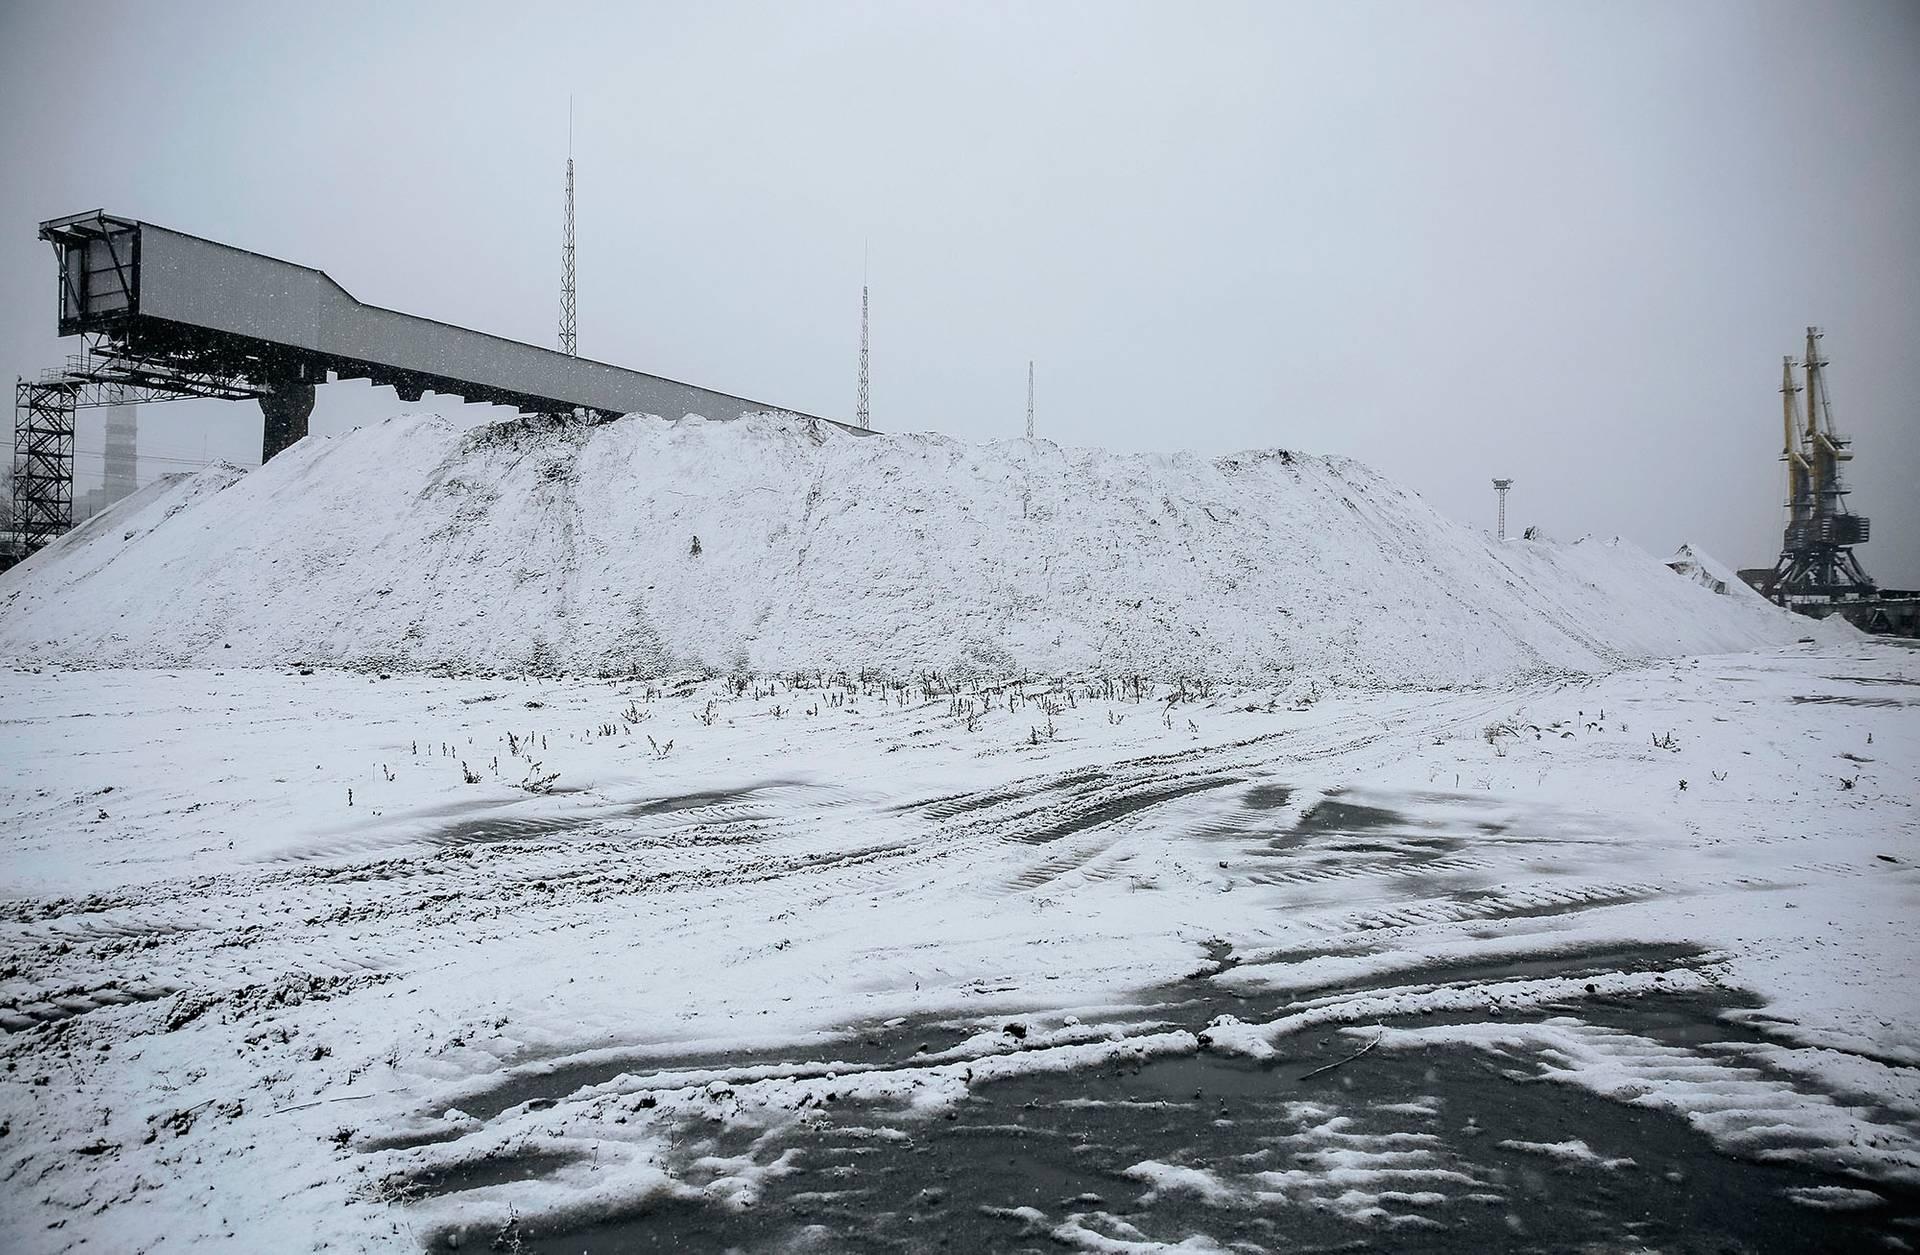 Великі купи південноафриканського вугілля, вкриті снігом на терирорії Трипільської ТЕС «Центренерго» у місті Українка, Київська область 11 лютого 2016 року